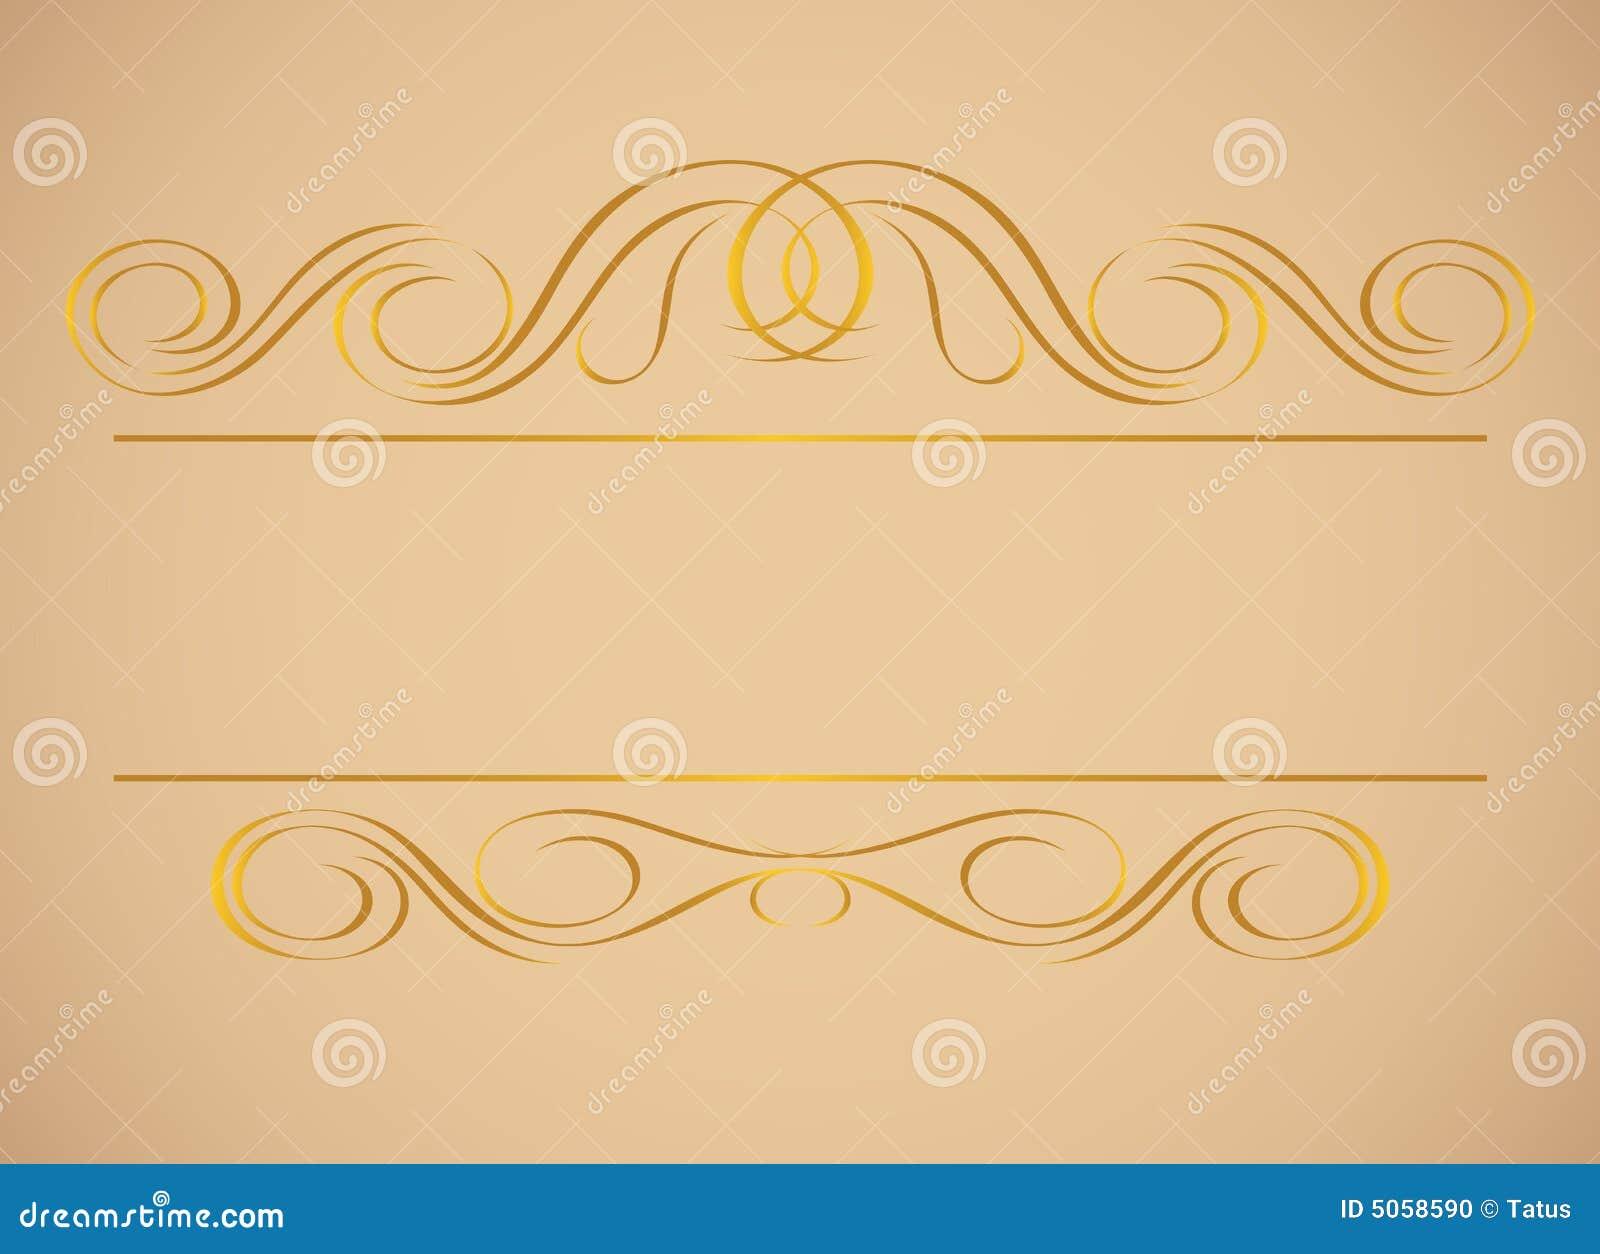 Uitstekend frame in goud.